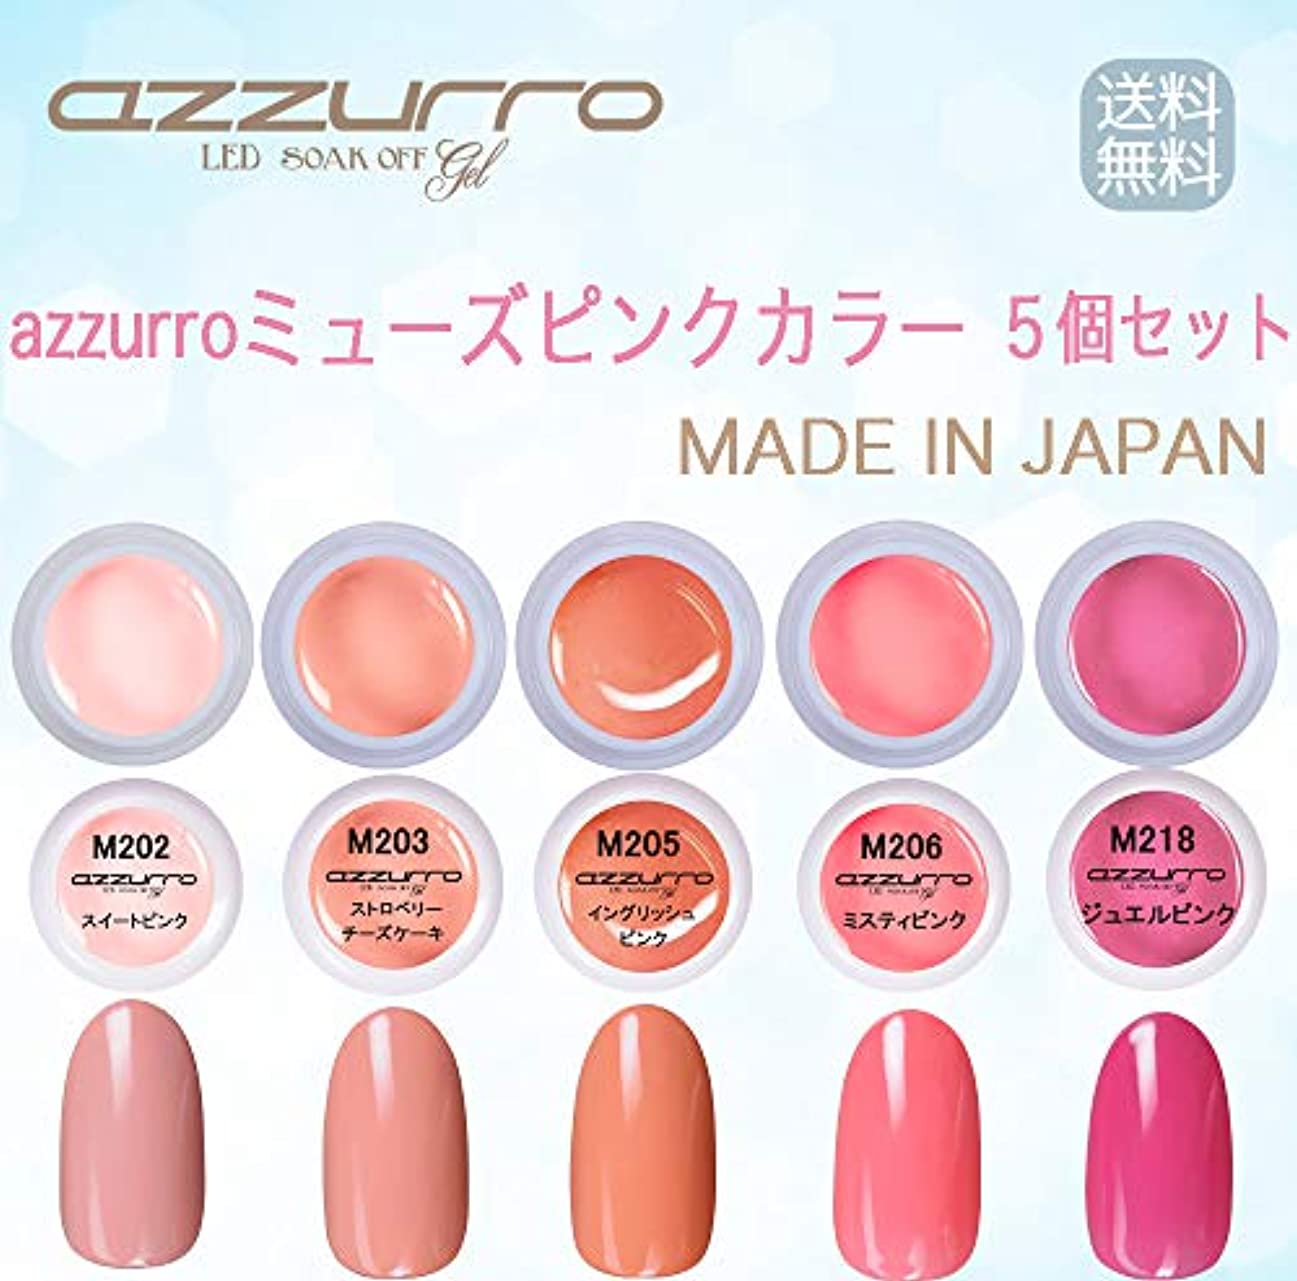 今まで乳白色ふける【送料無料】日本製 azzurro gel ミューズピンクカラージェル5個セット 春色にもかかせないマットコートとスモーキーパステルカラー